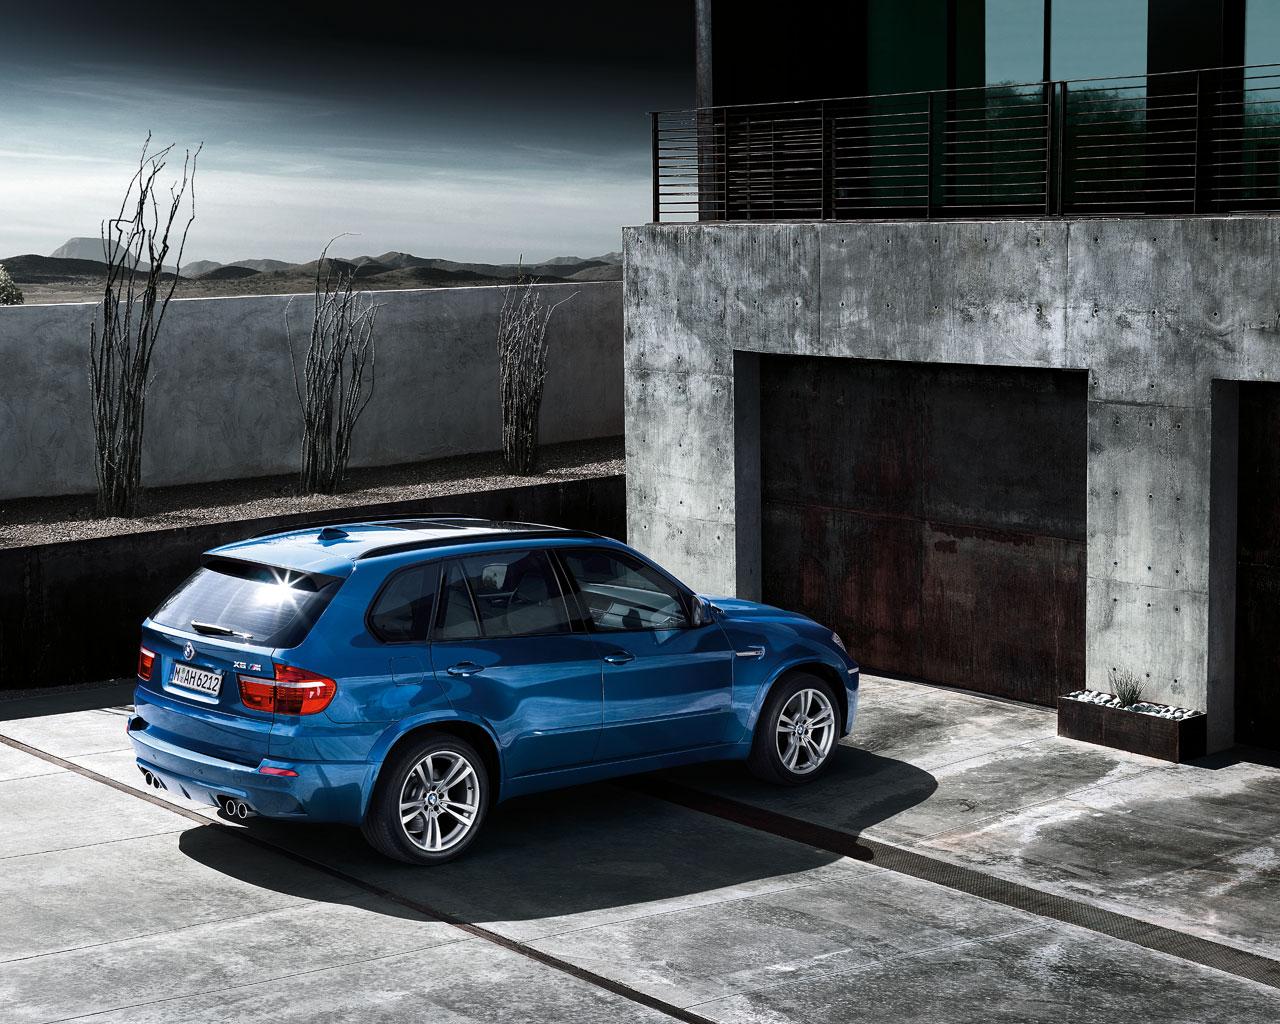 http://2.bp.blogspot.com/-D0BhAhGrBBo/TpLp2A67ysI/AAAAAAAADDA/CuVADD-f4UA/s1600/BMW-X5M+%25282%2529.jpg